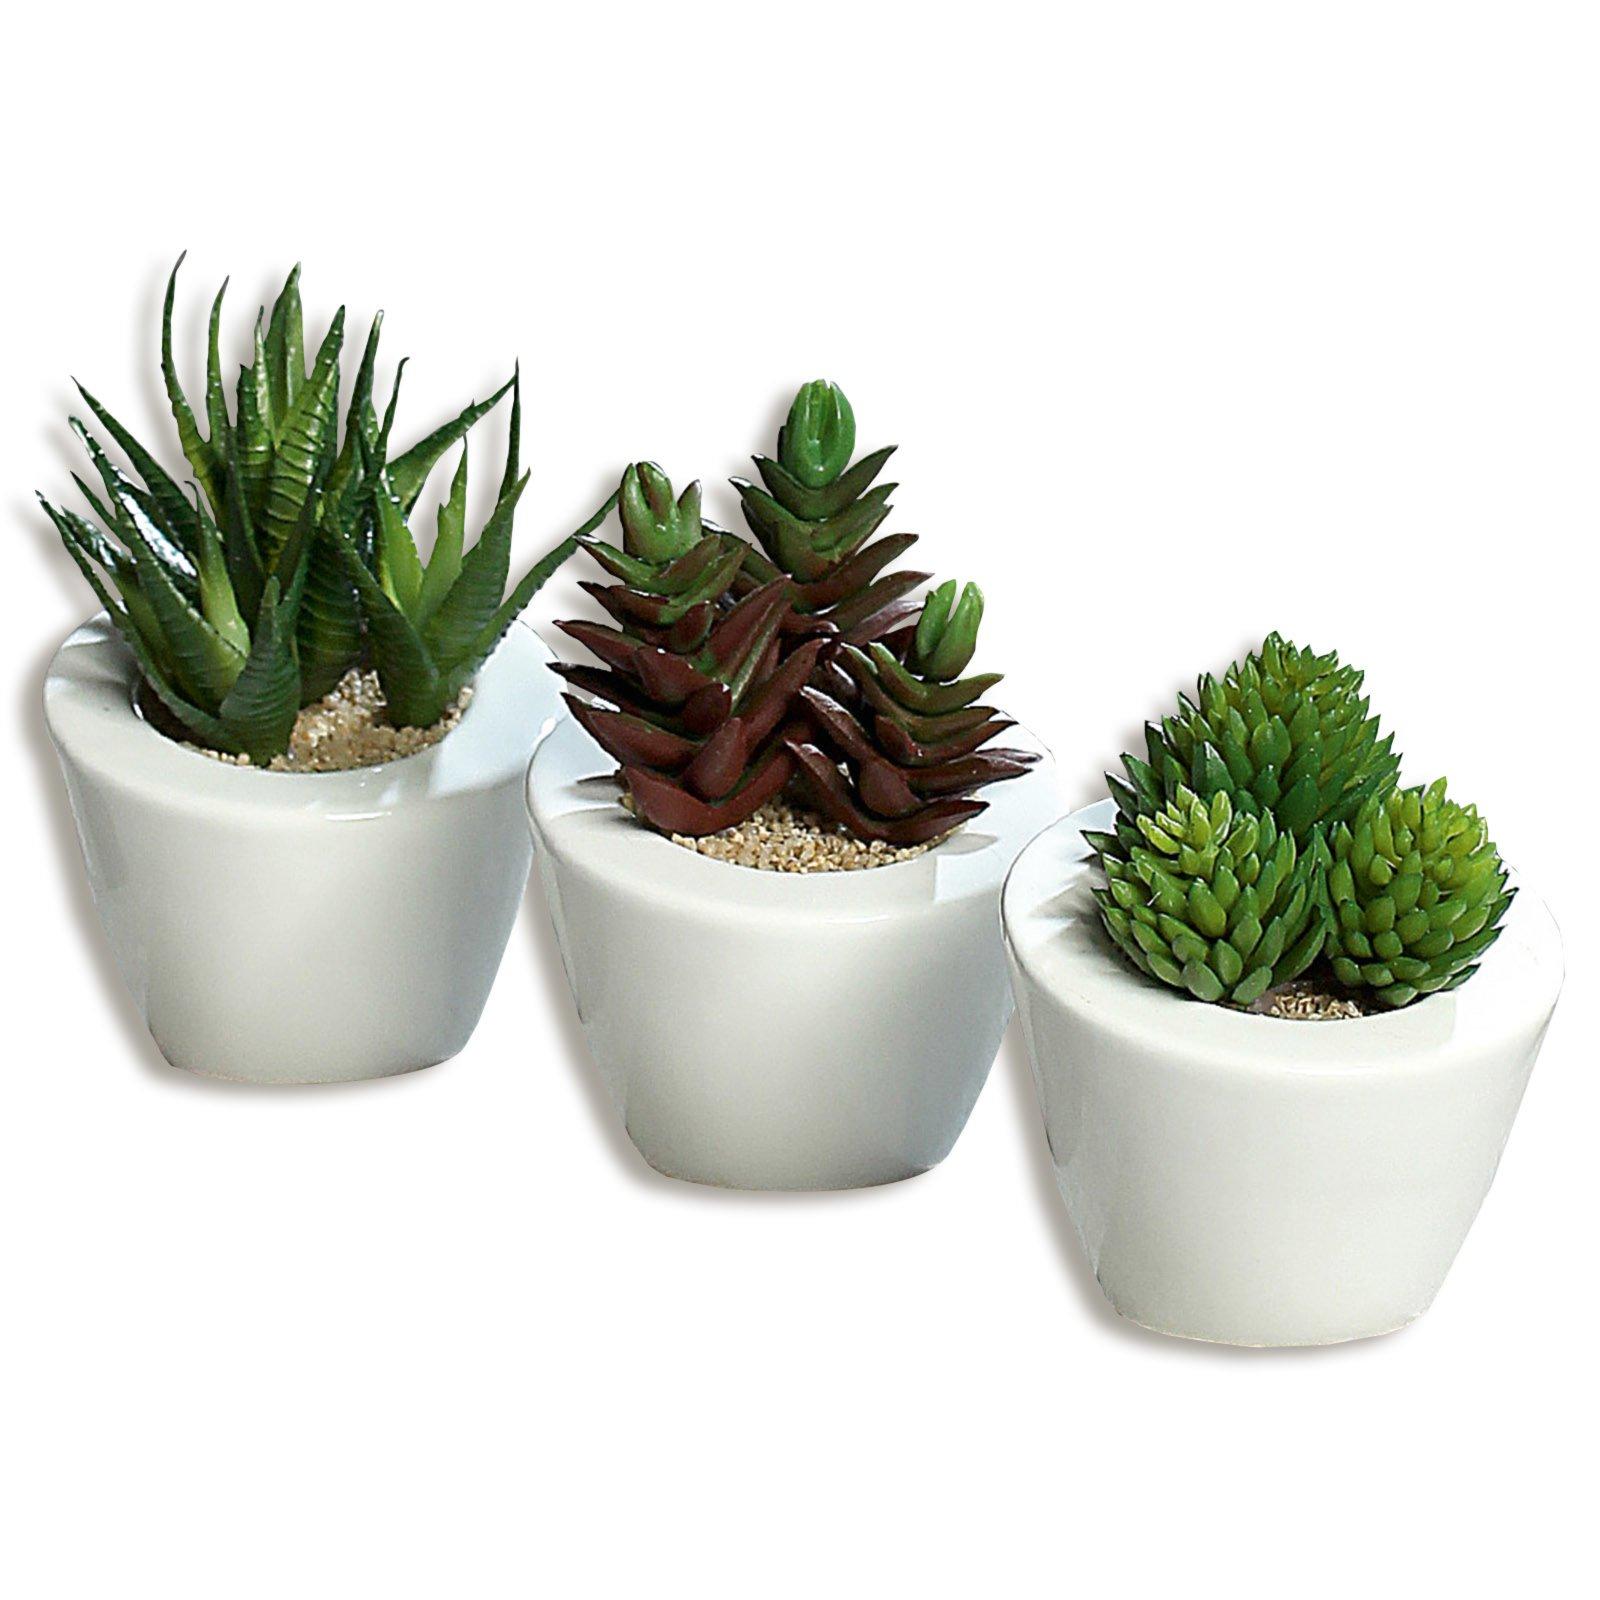 Sukkulenten - Kunstpflanze - 3-fach sortiert